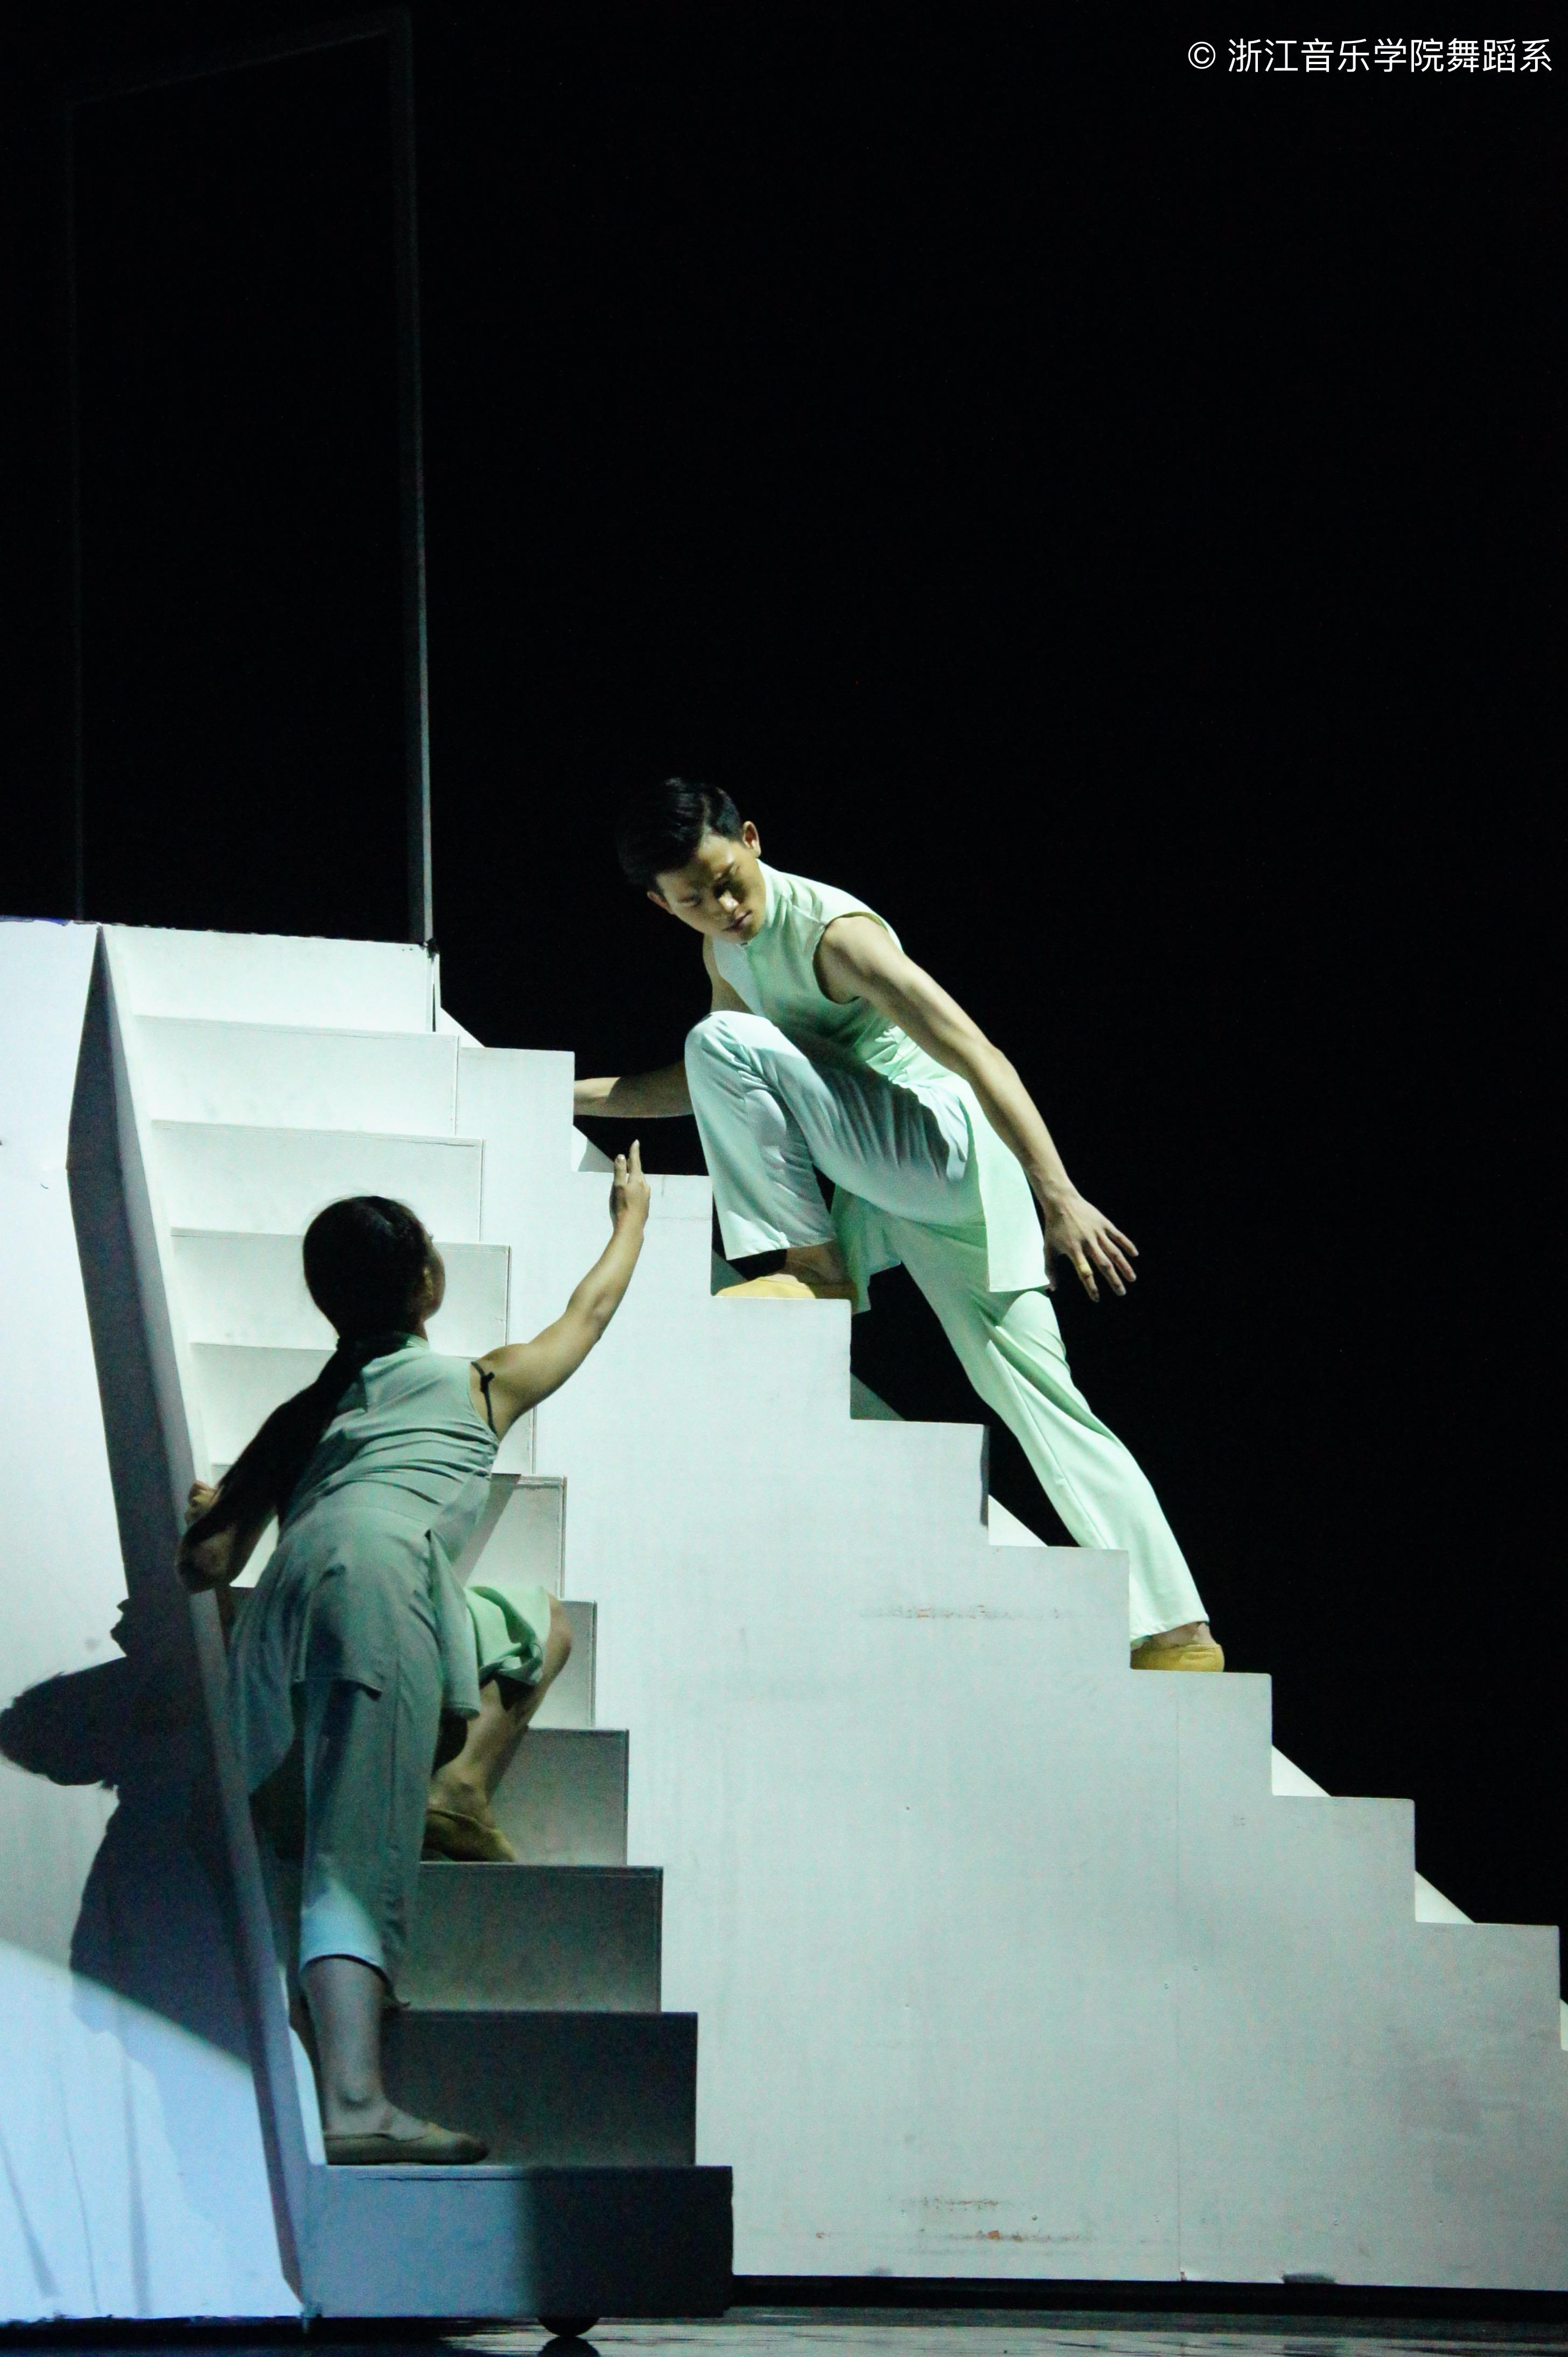 Pix_P-08a《阶梯爱情》浙江音乐学院舞蹈系3.jpg